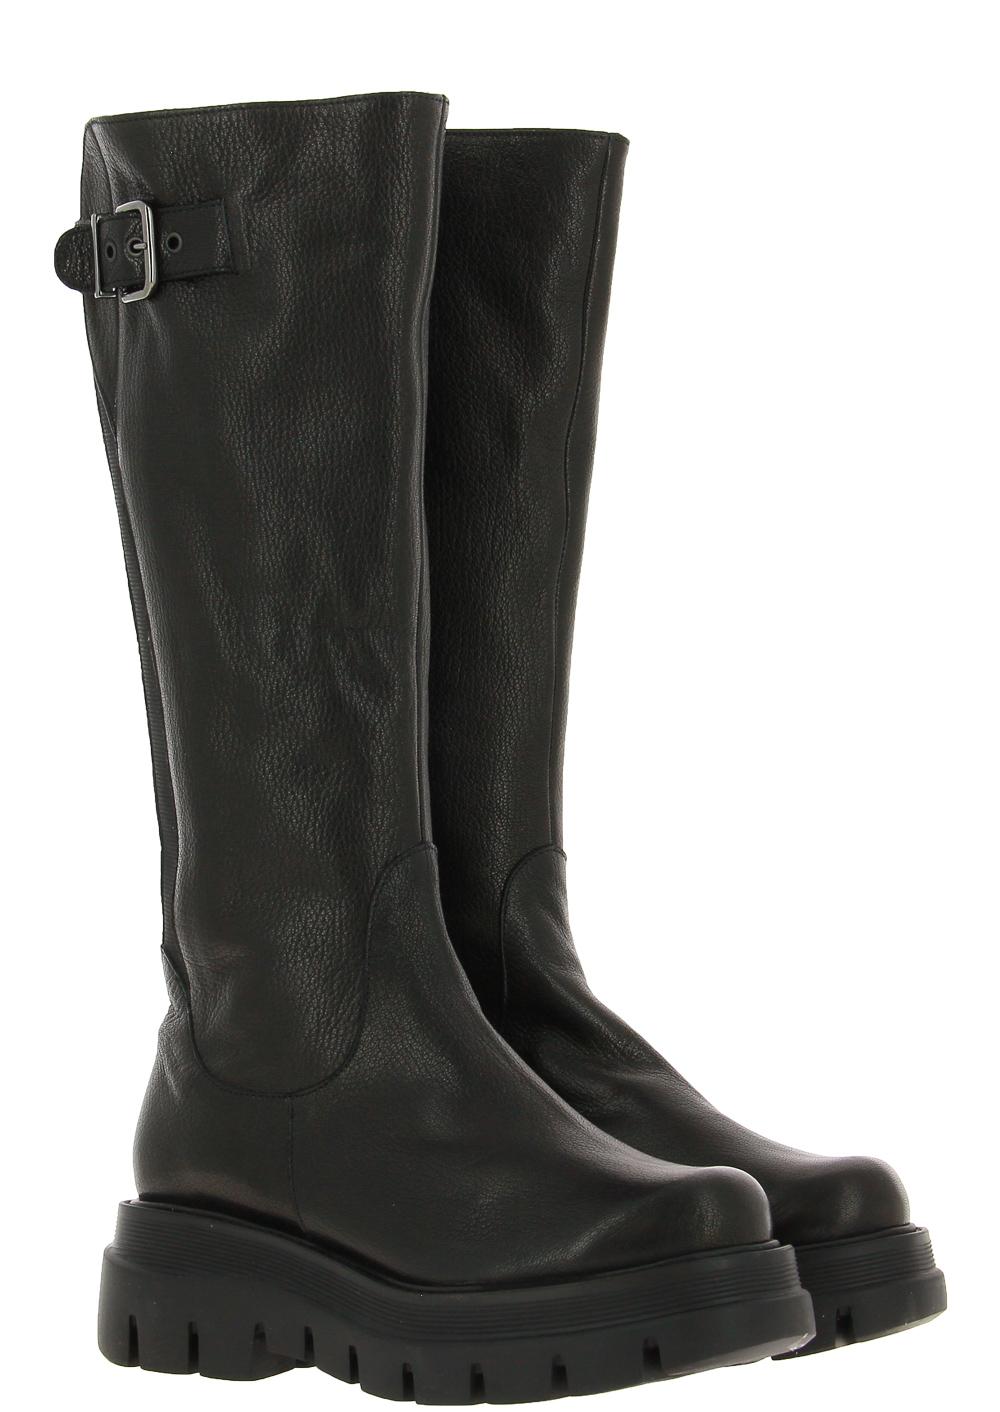 Brunate boots lined EDO EPOQUE NERO